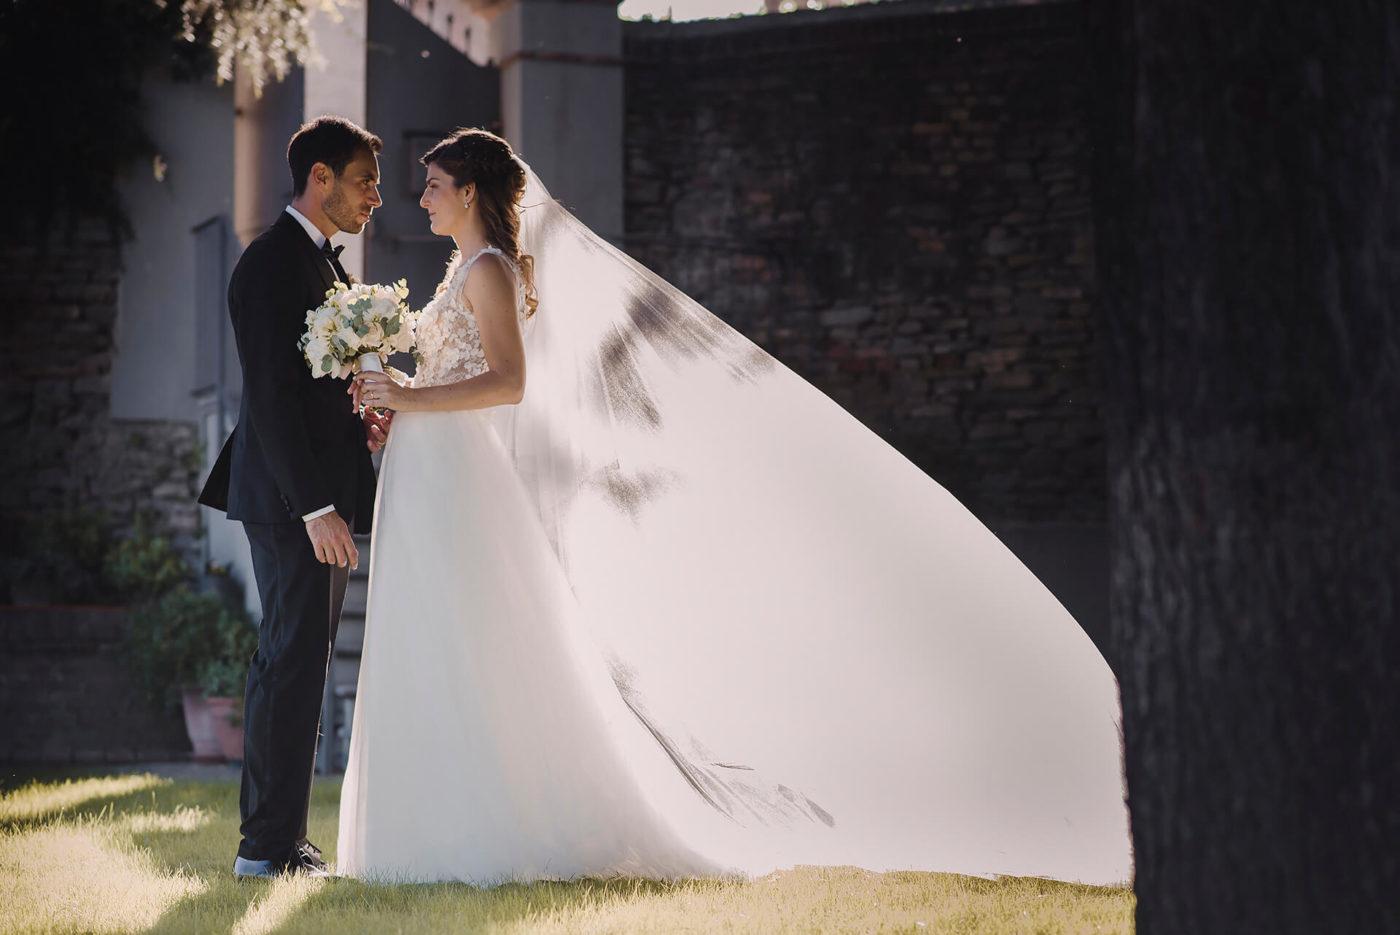 Sposi servizio fotografico matrimoniale al tramonto a Canelli di Francesco Matturro